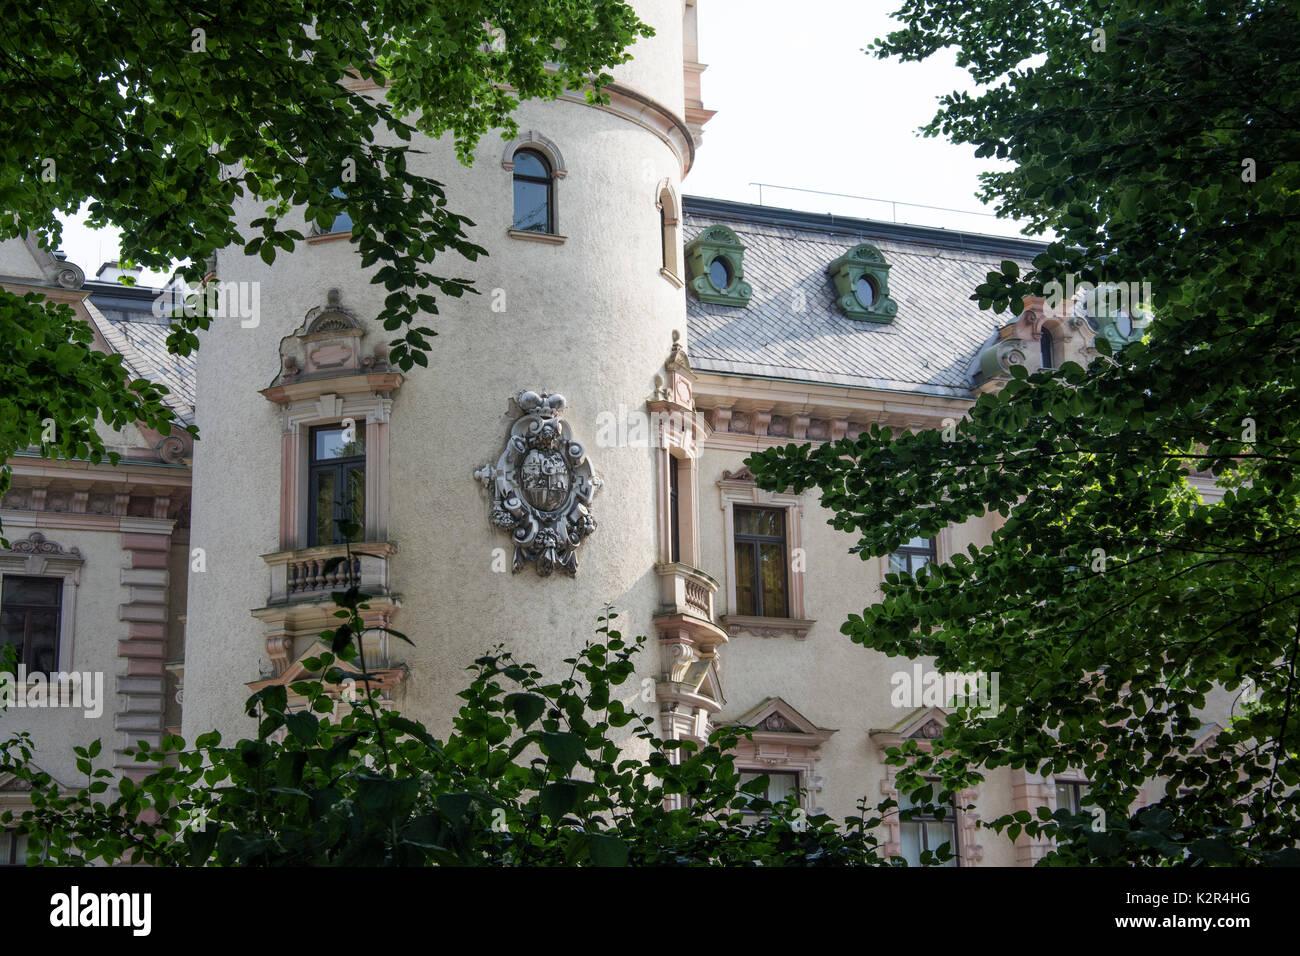 schloss st emmeram von thurn und taxis familie regensburg deutschland stockfoto bild. Black Bedroom Furniture Sets. Home Design Ideas